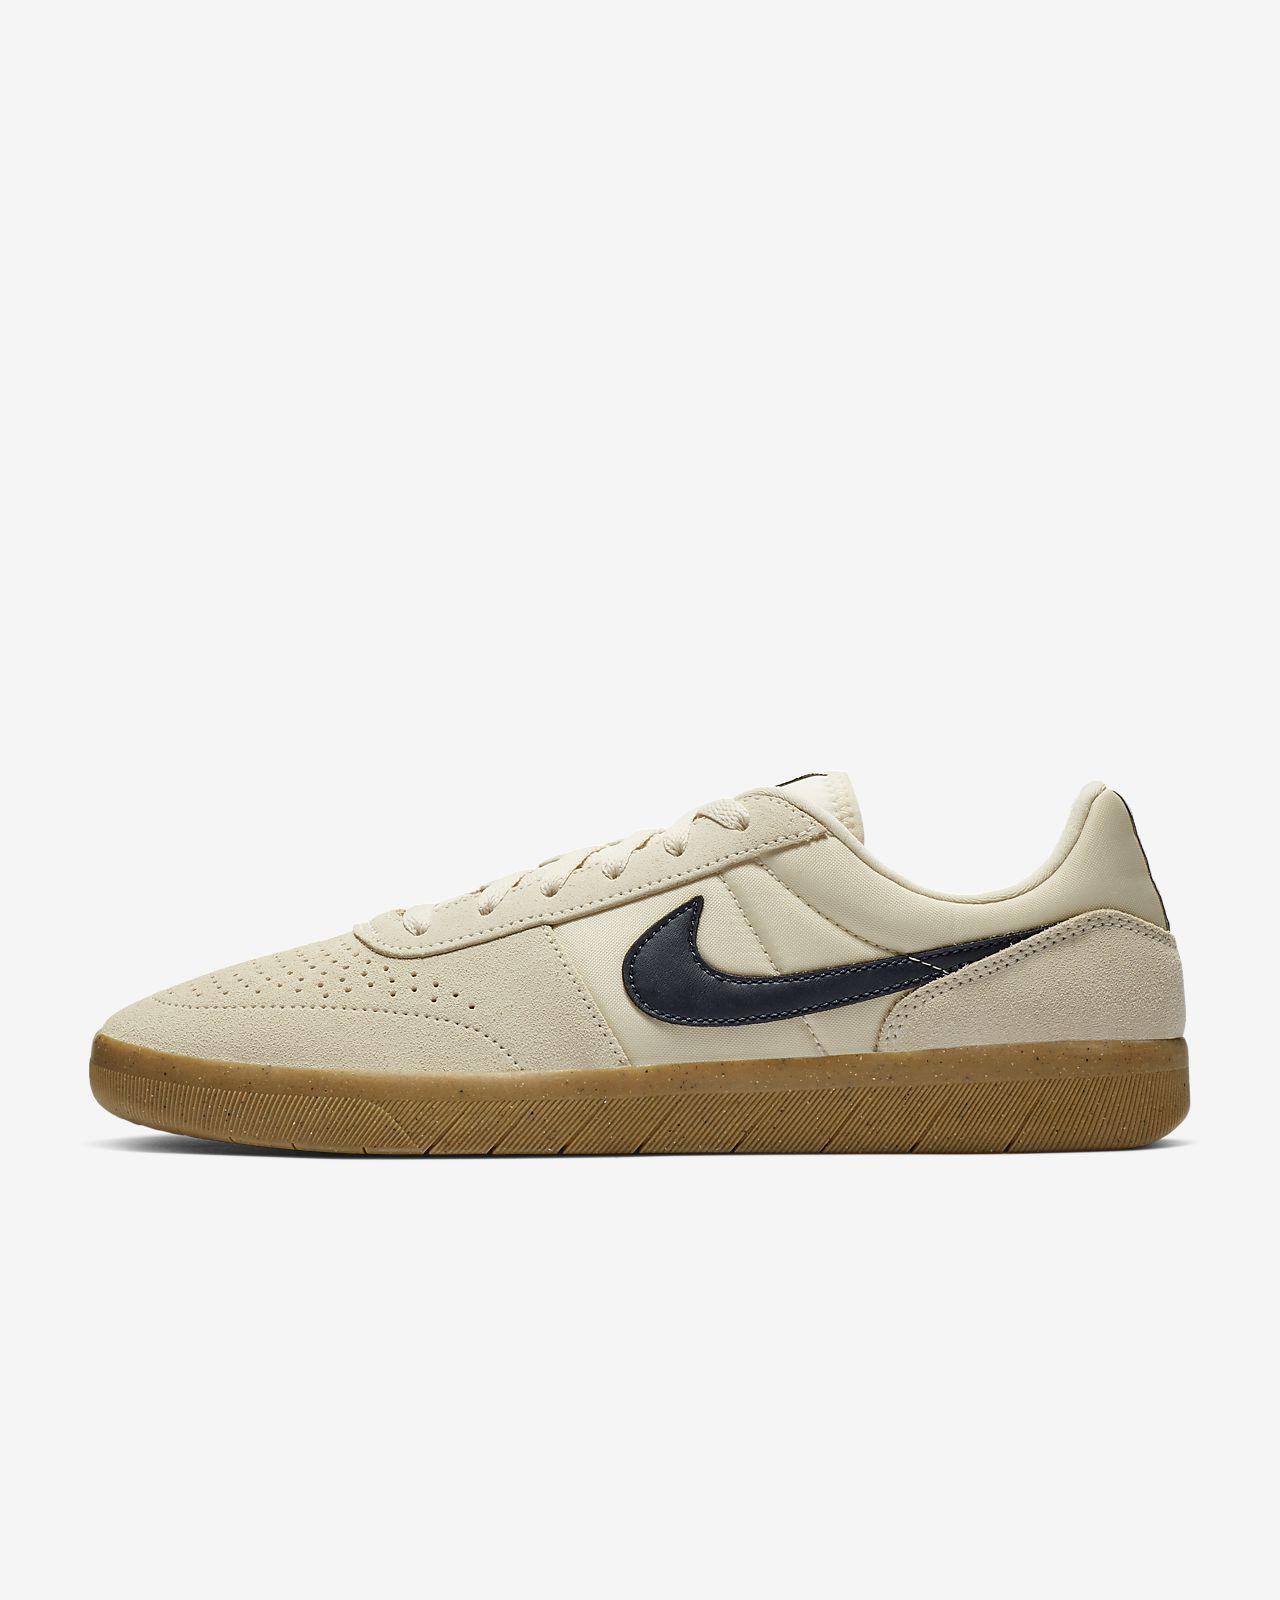 buy online e8988 edec0 ... Chaussure de skateboard Nike SB Team Classic pour Homme